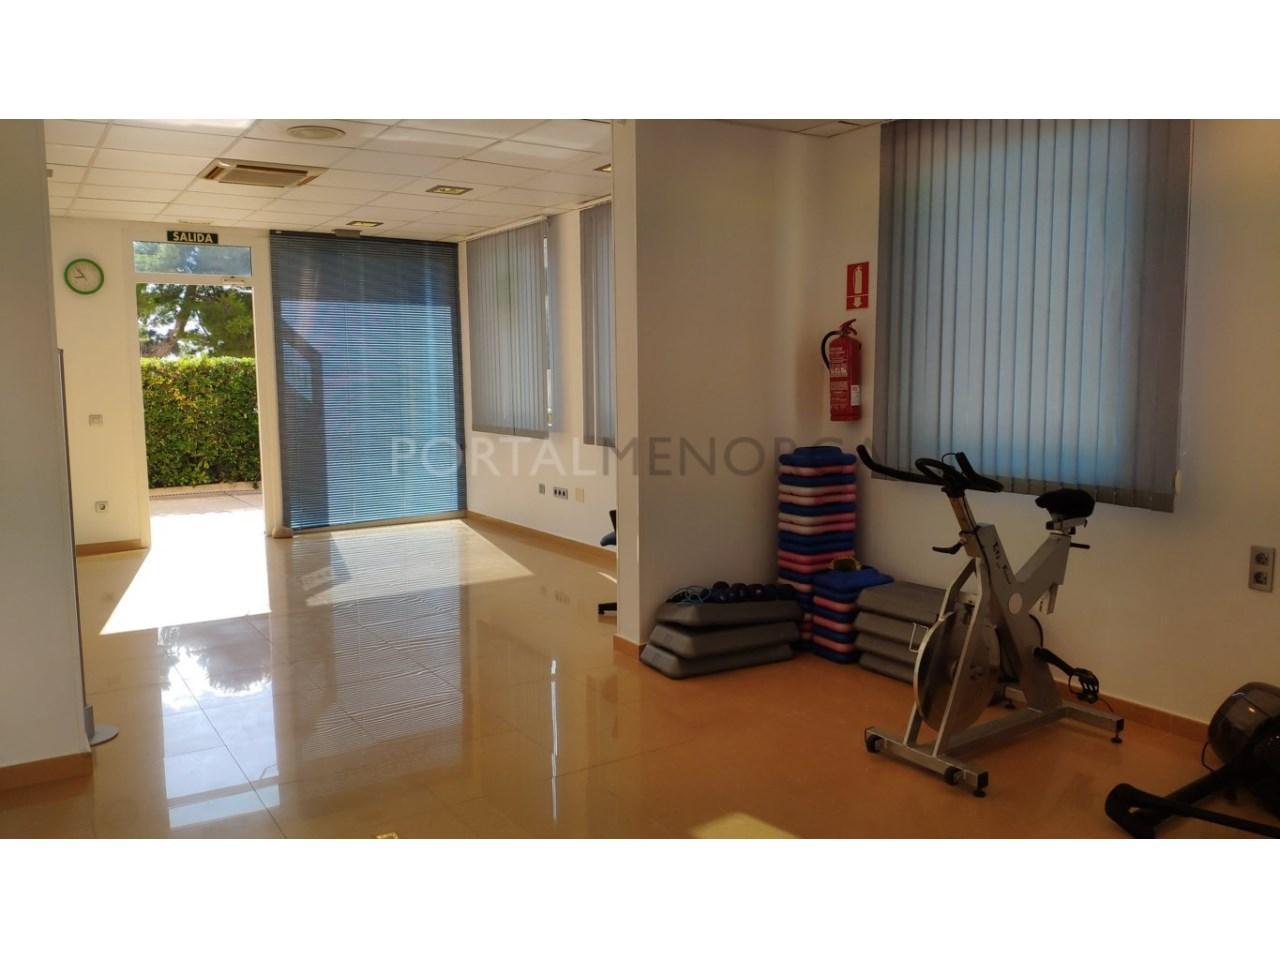 Local for sale in Ciutadella Menorca-Salle